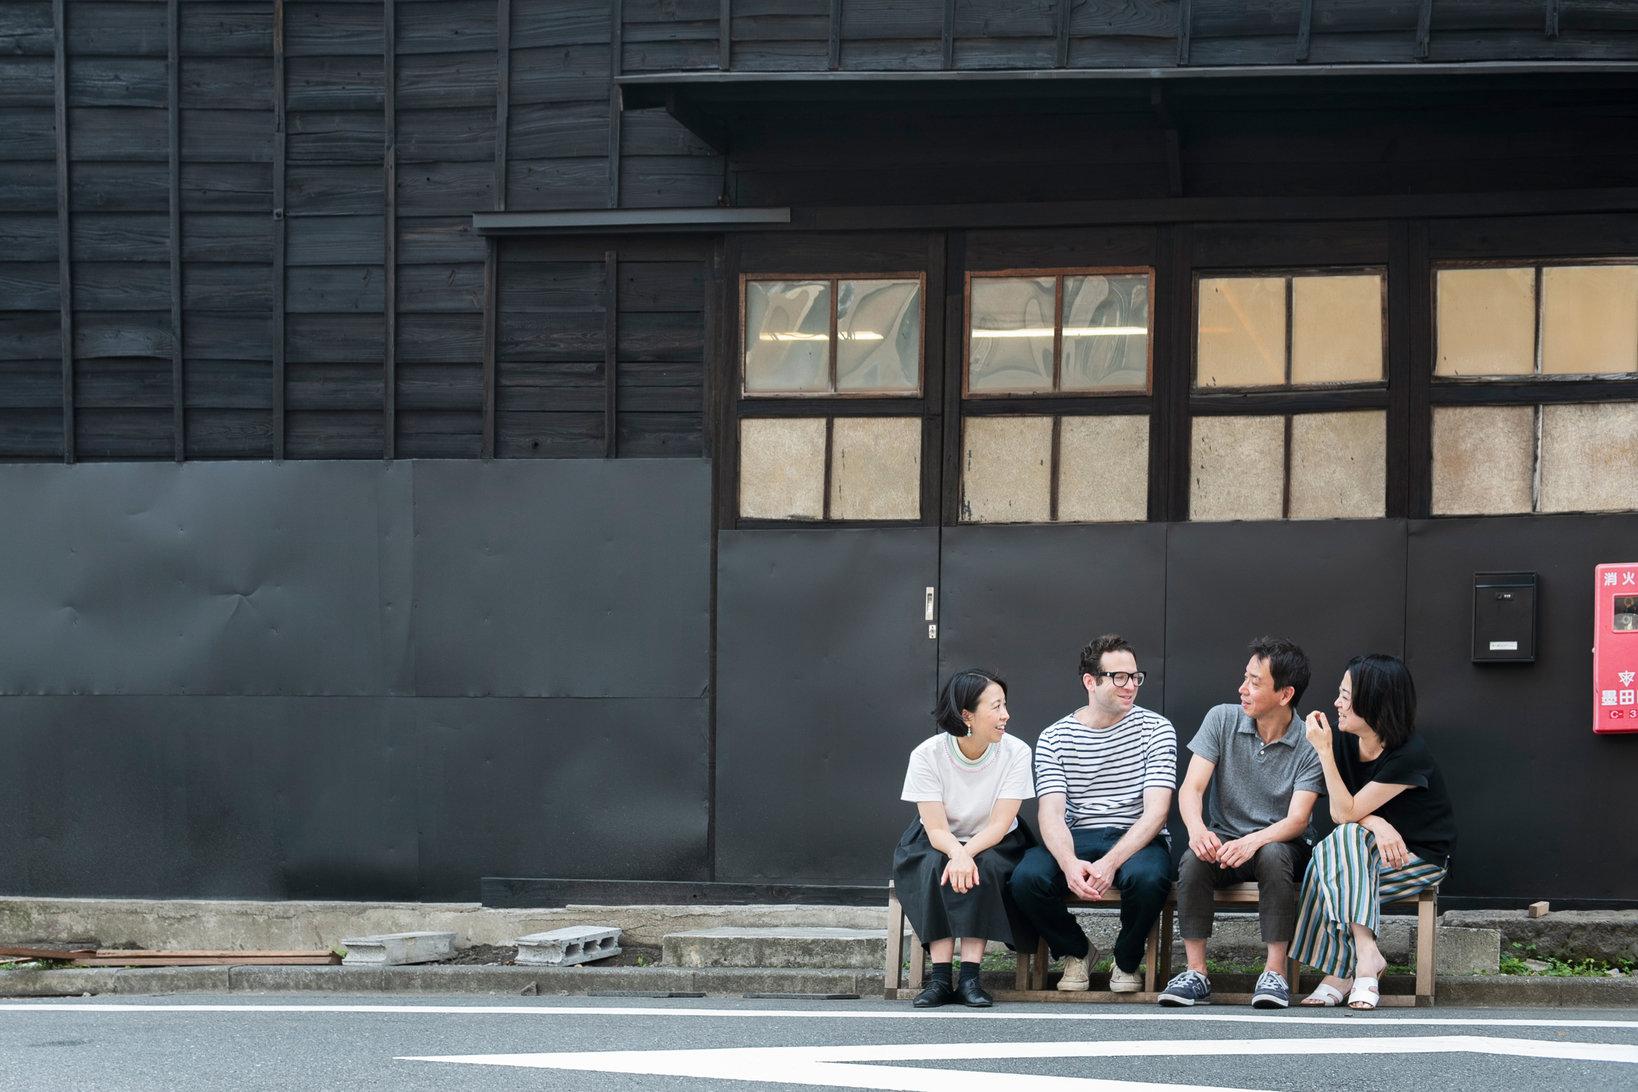 座談会は無人島プロダクションにて実施。2019年、無人島プロダクションは清澄白河から江東橋に移転した。移転後初の展覧会は、小泉明郎による「Dreamscapegoatfuck」展。